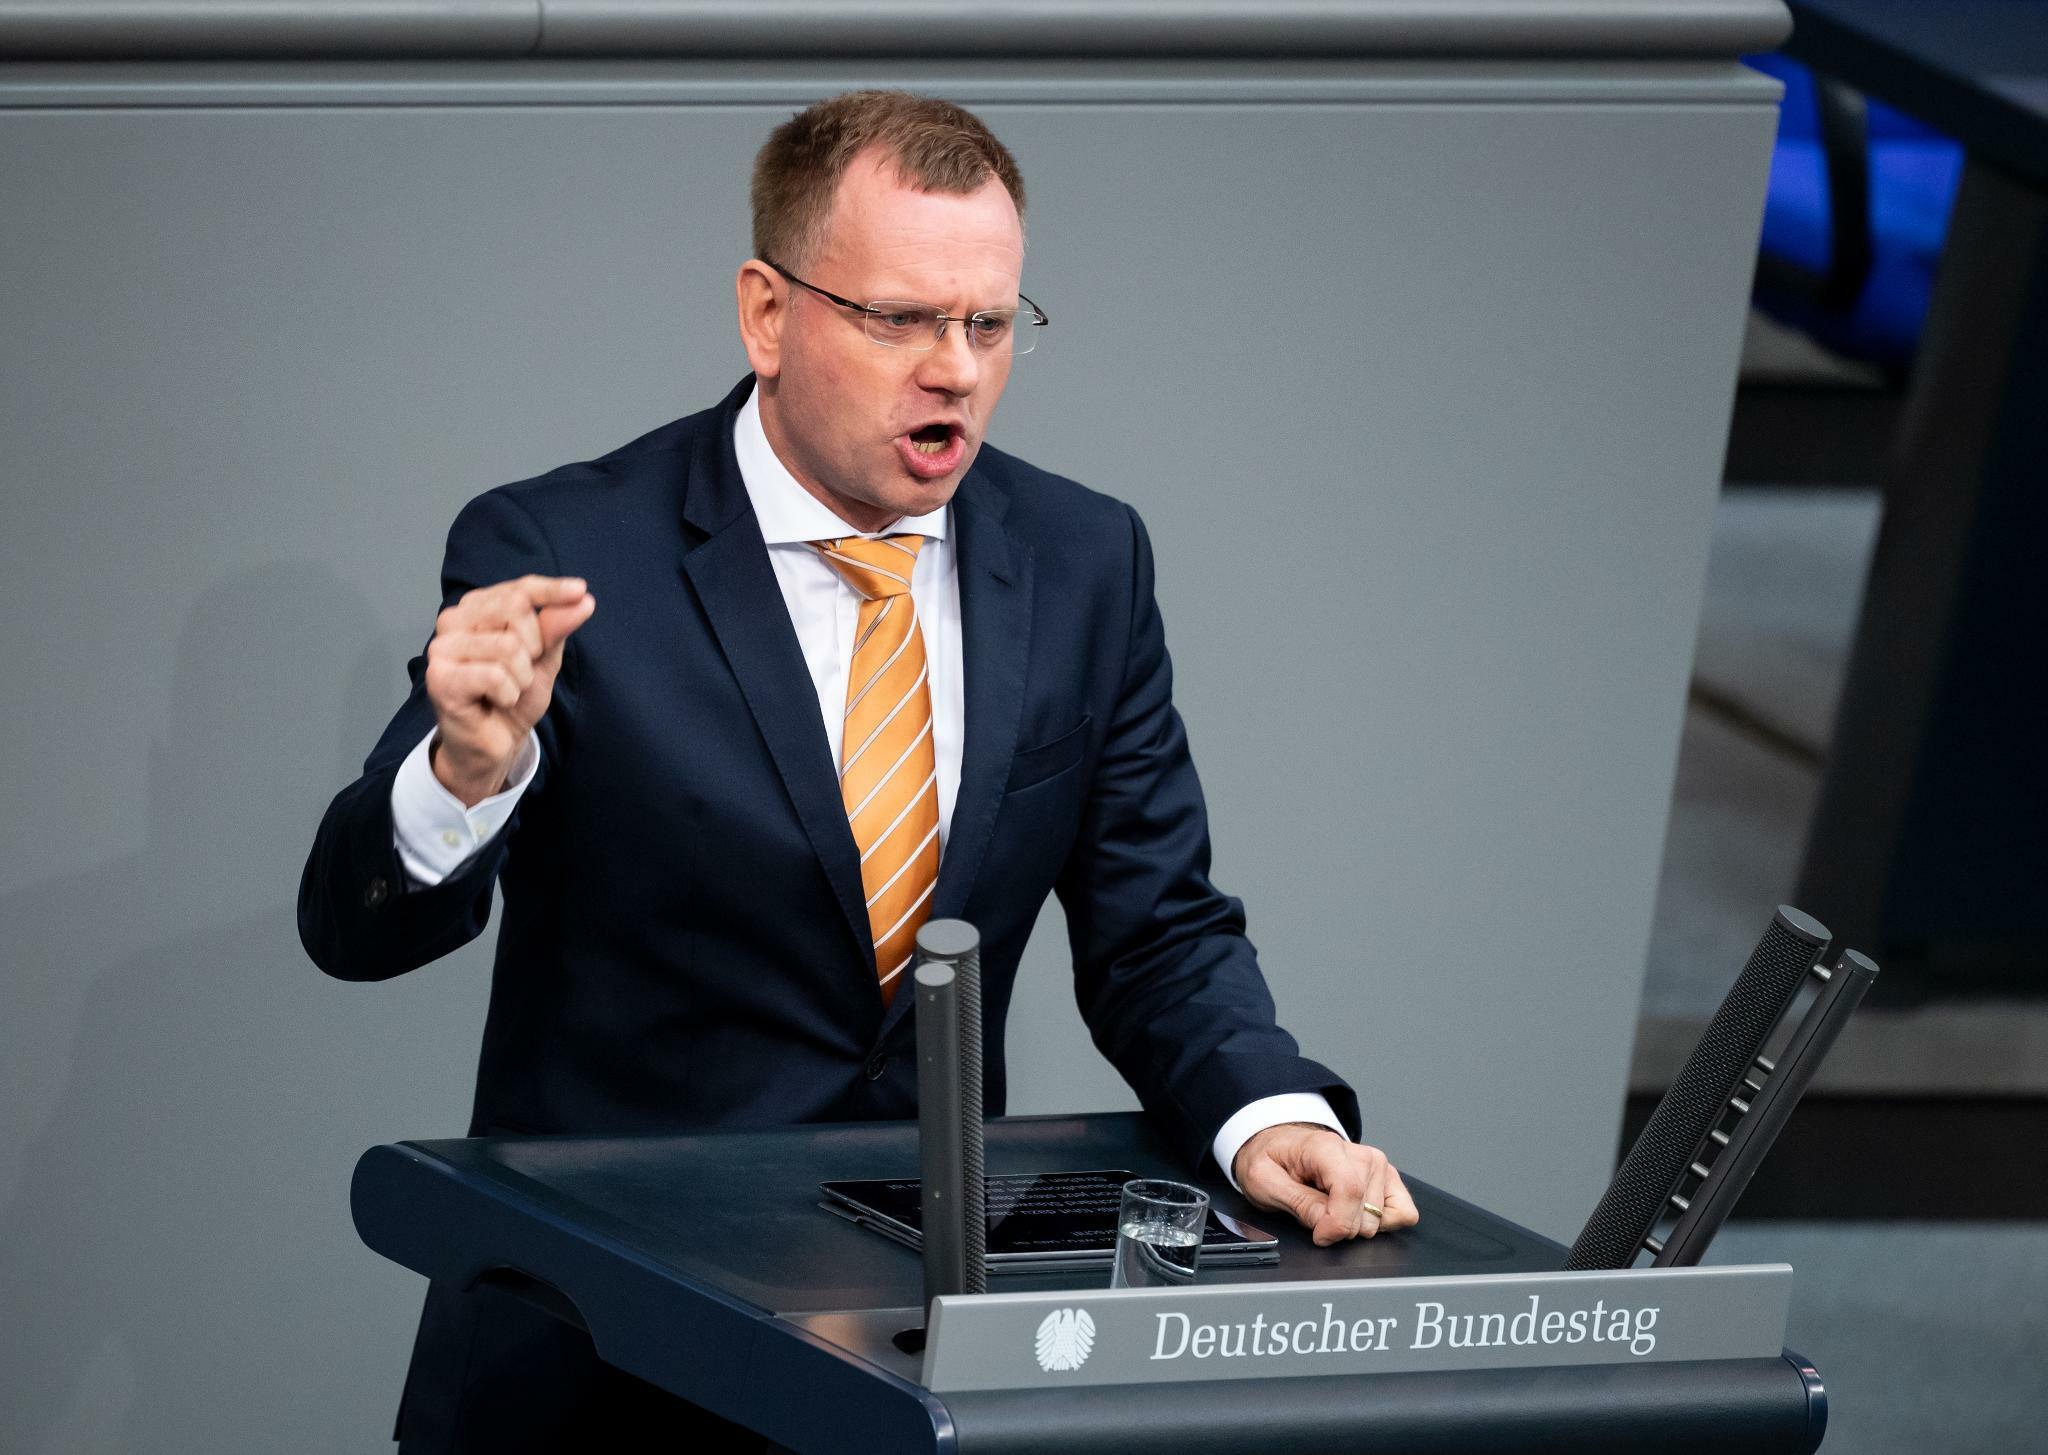 Auftritt bei rechter Demo: AfD berät über Vorgehen gegen Dirk Spaniel